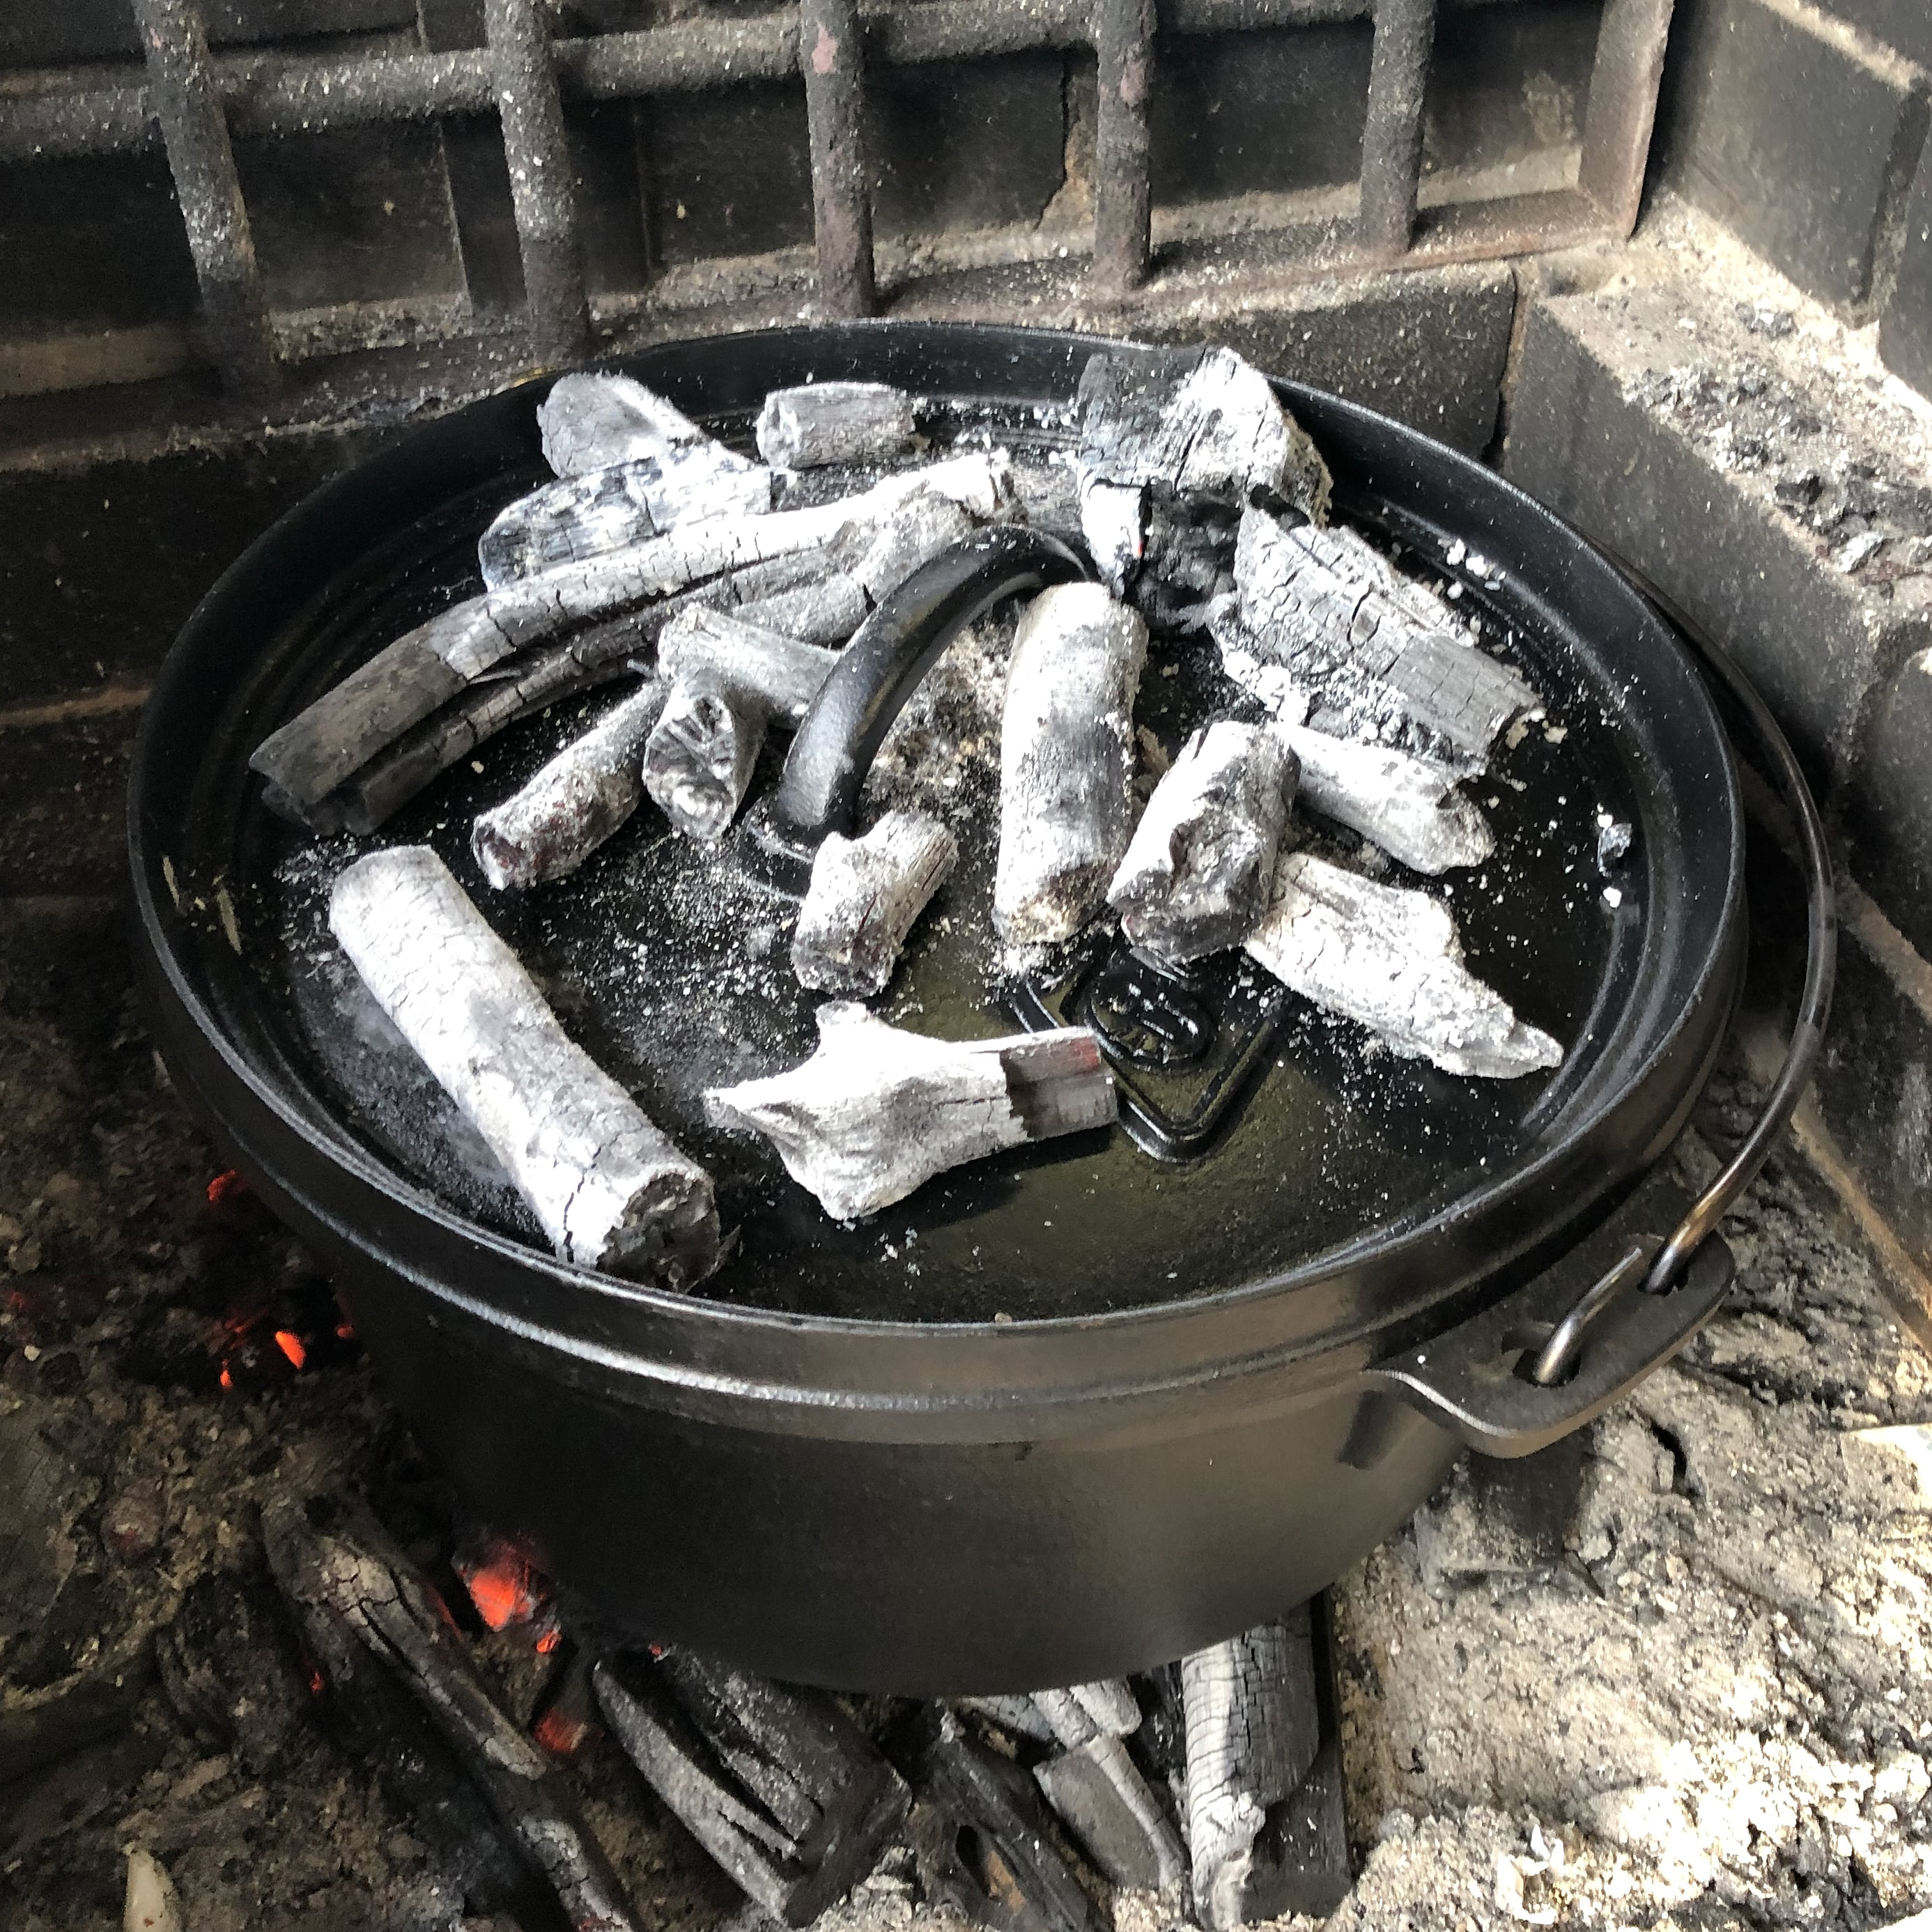 キャンプレポート(ダッチオーブンでローストチキン) 蓋をして1時間